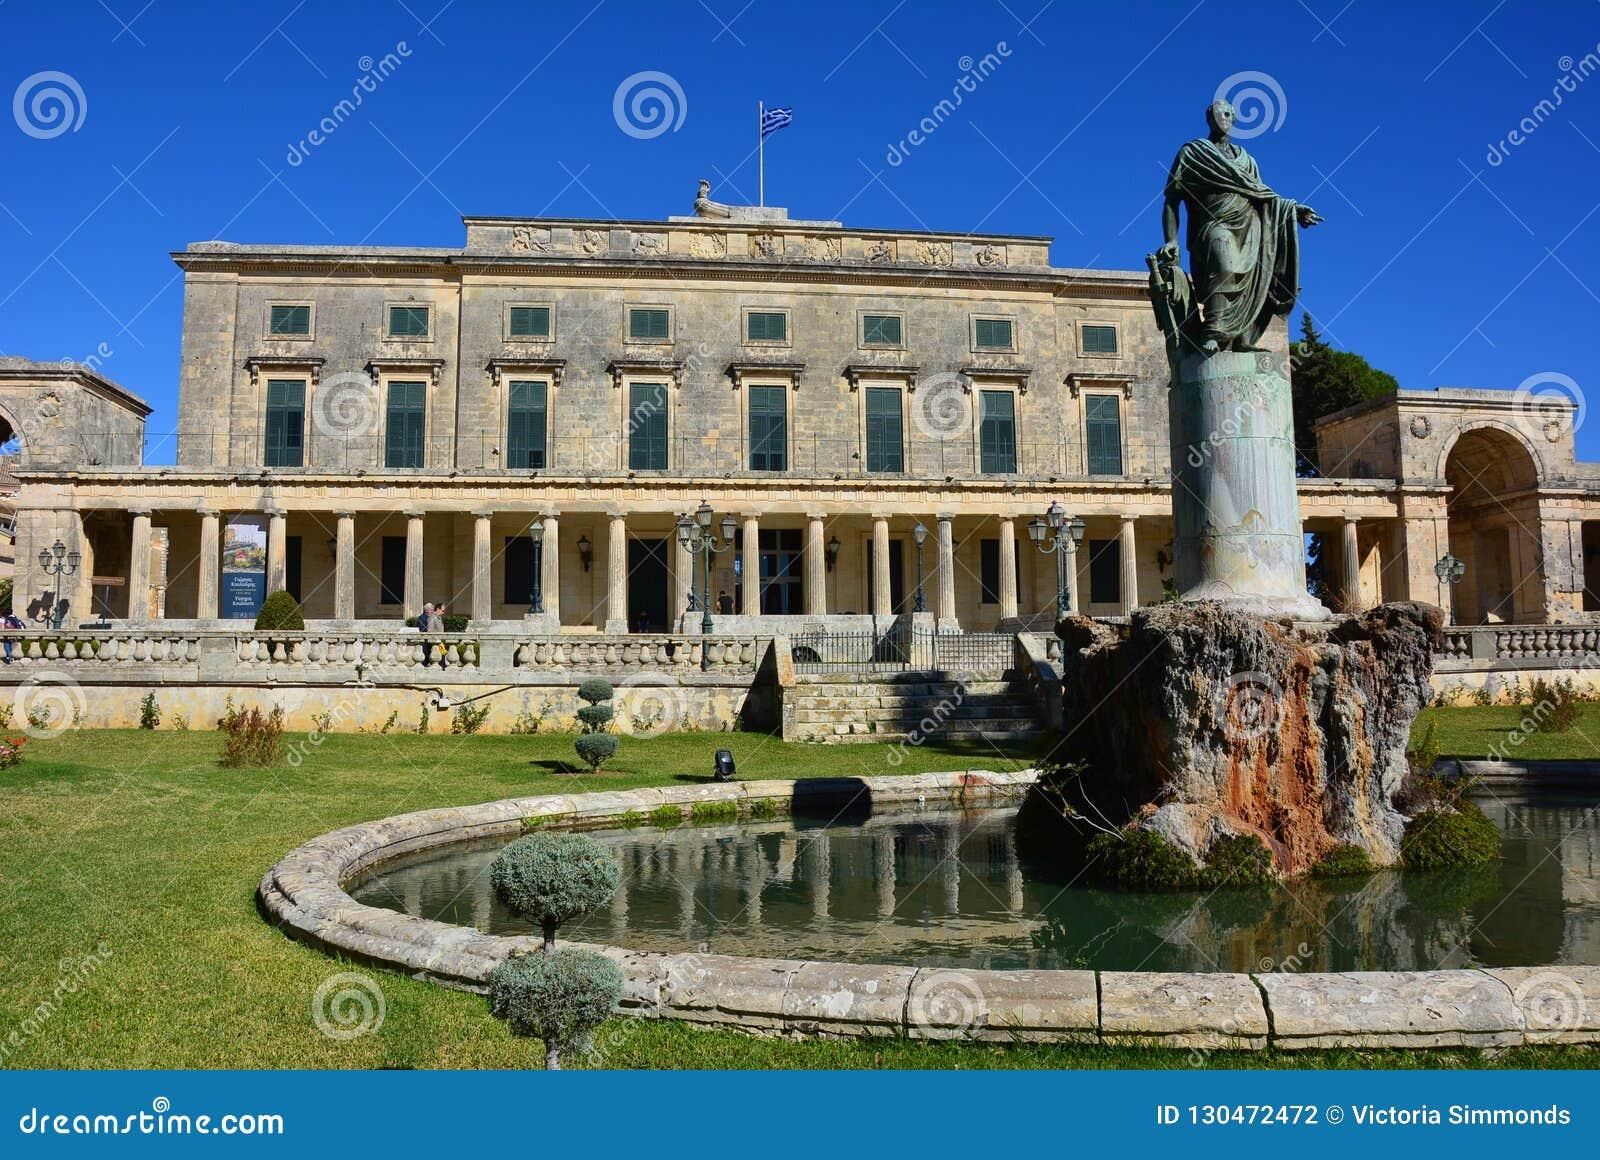 Palais de Corfou, ville de Corfou